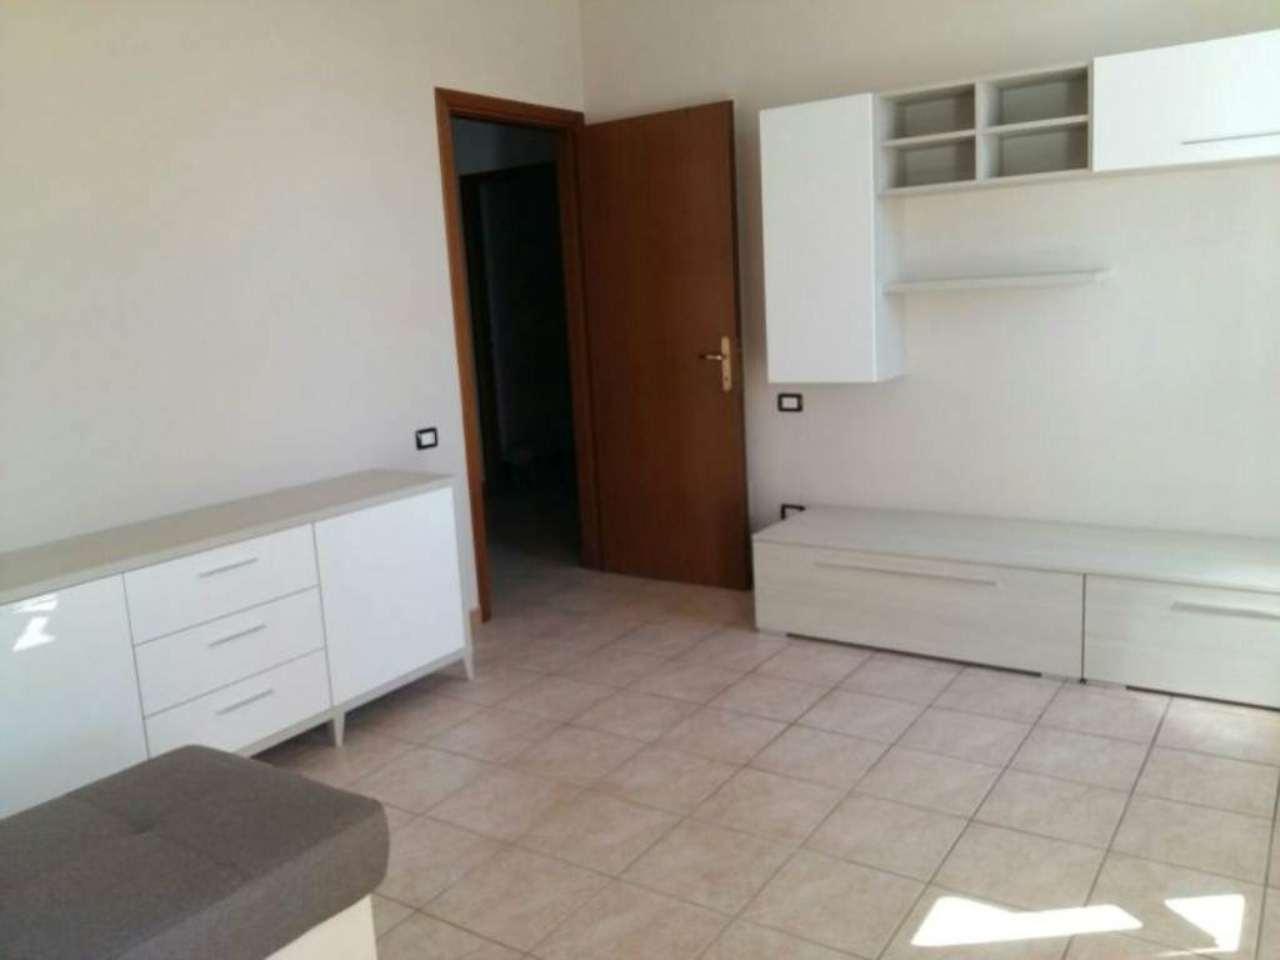 Appartamento in affitto a Viadana, 5 locali, prezzo € 500   CambioCasa.it